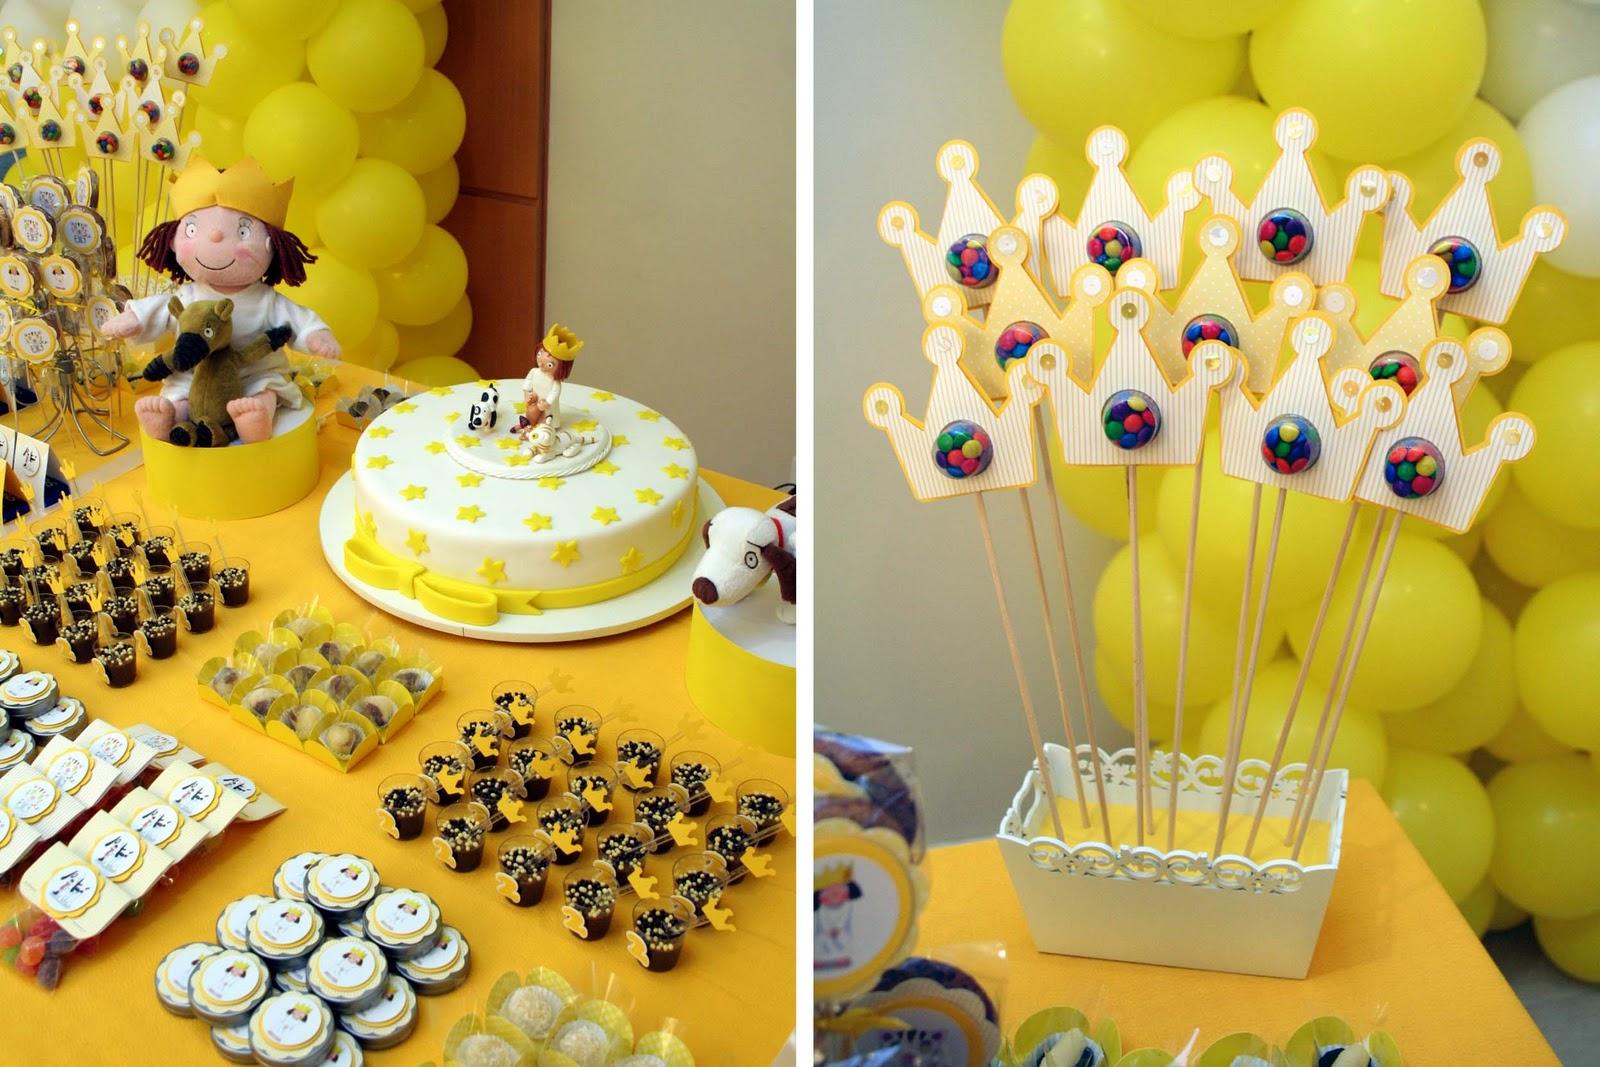 decoracao azul e amarelo para aniversario:alegria do amarelo e a realeza das coroas enfeitaram esta mesa.